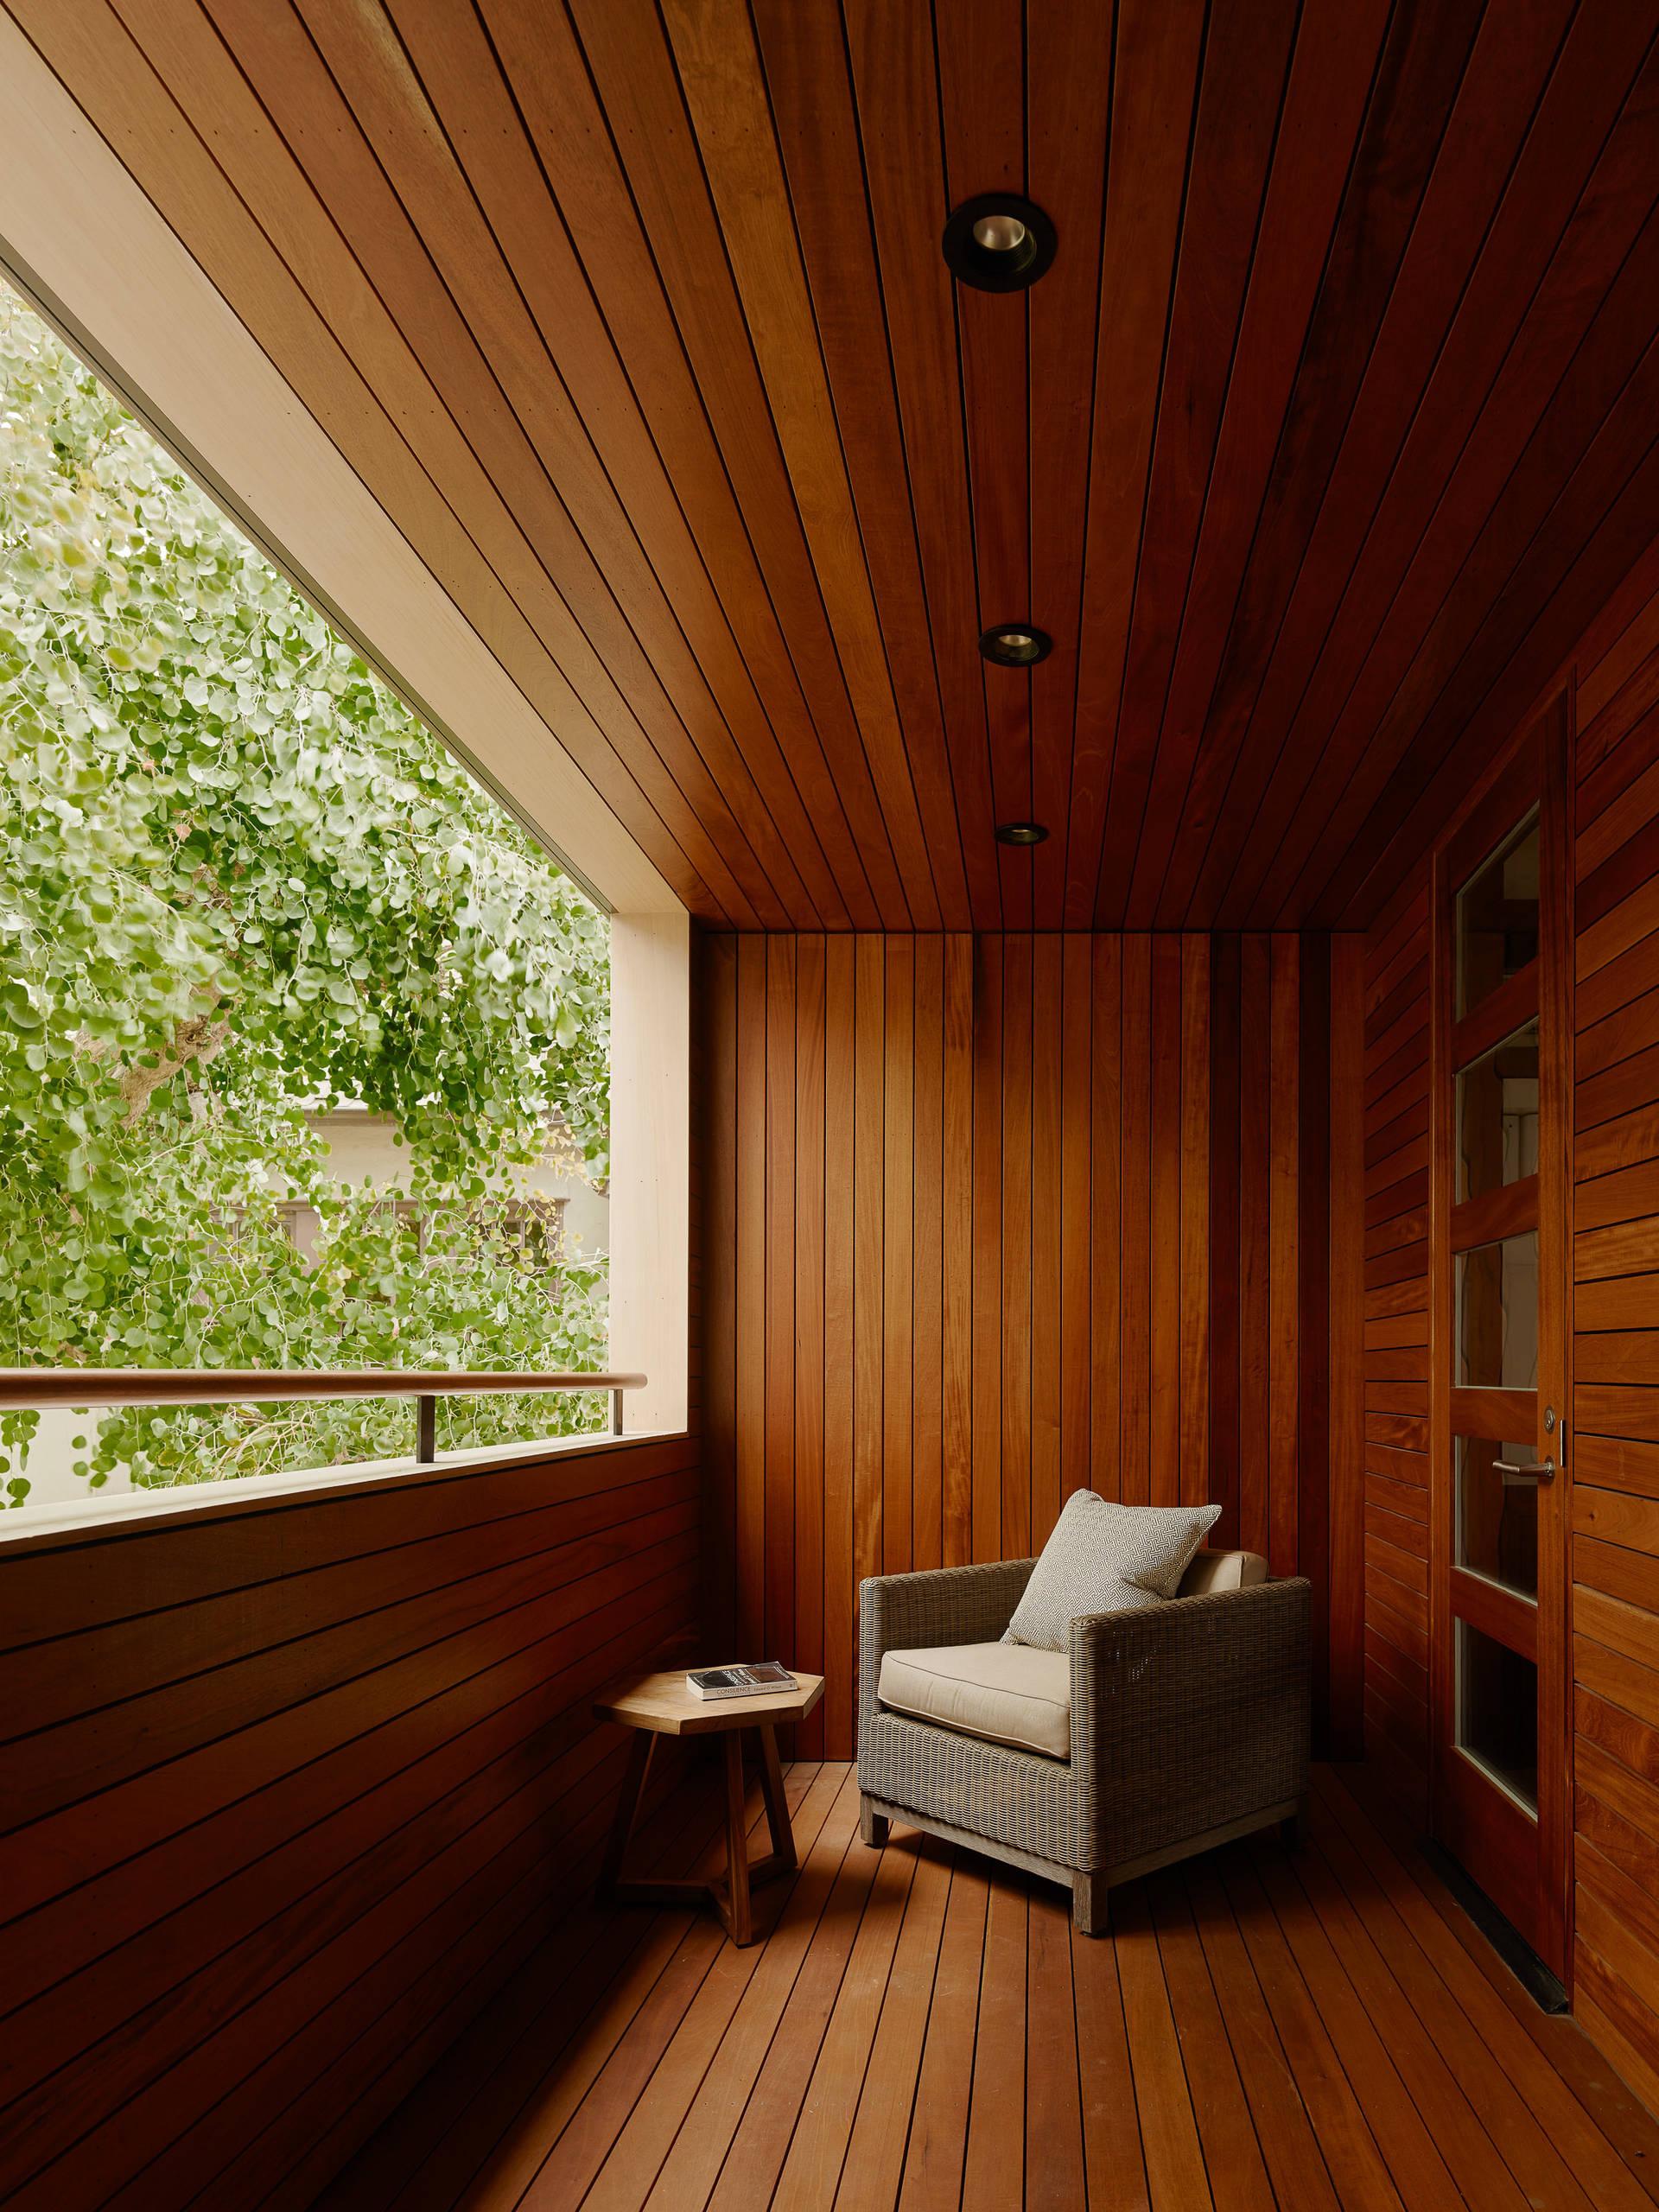 Современные панели для стен в интерьере: виды, дизайн, сочет.